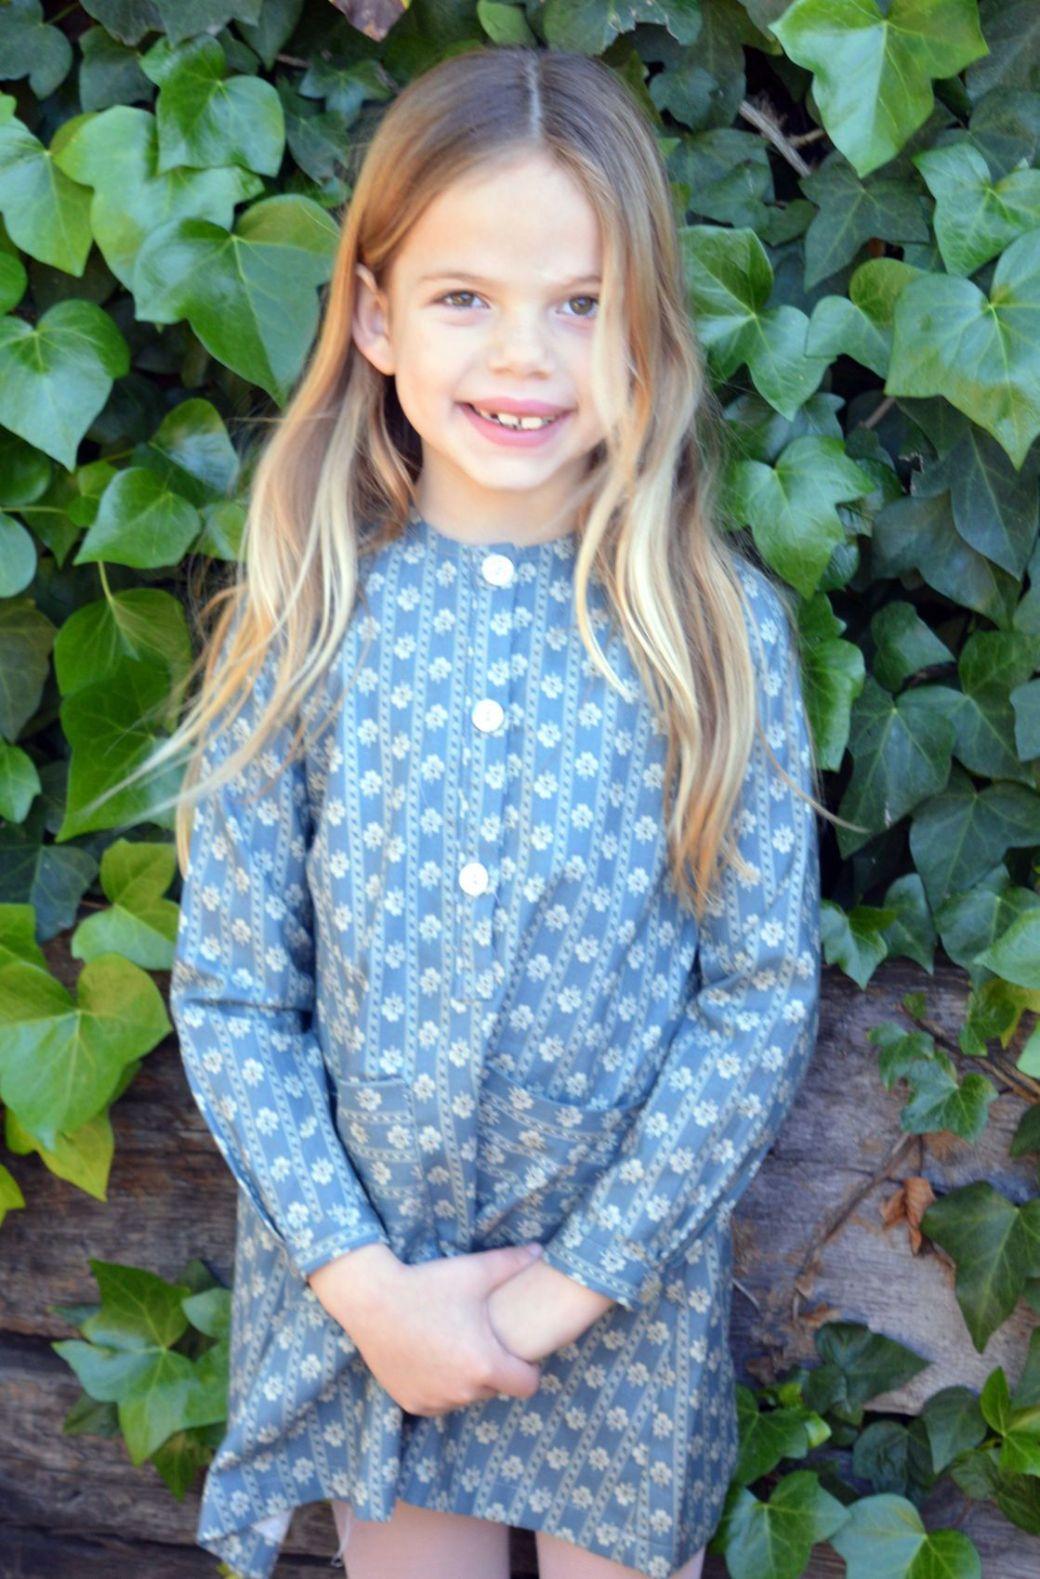 a089d4e43 ... moodblue blog de moda infantil y juvenil 8 ...